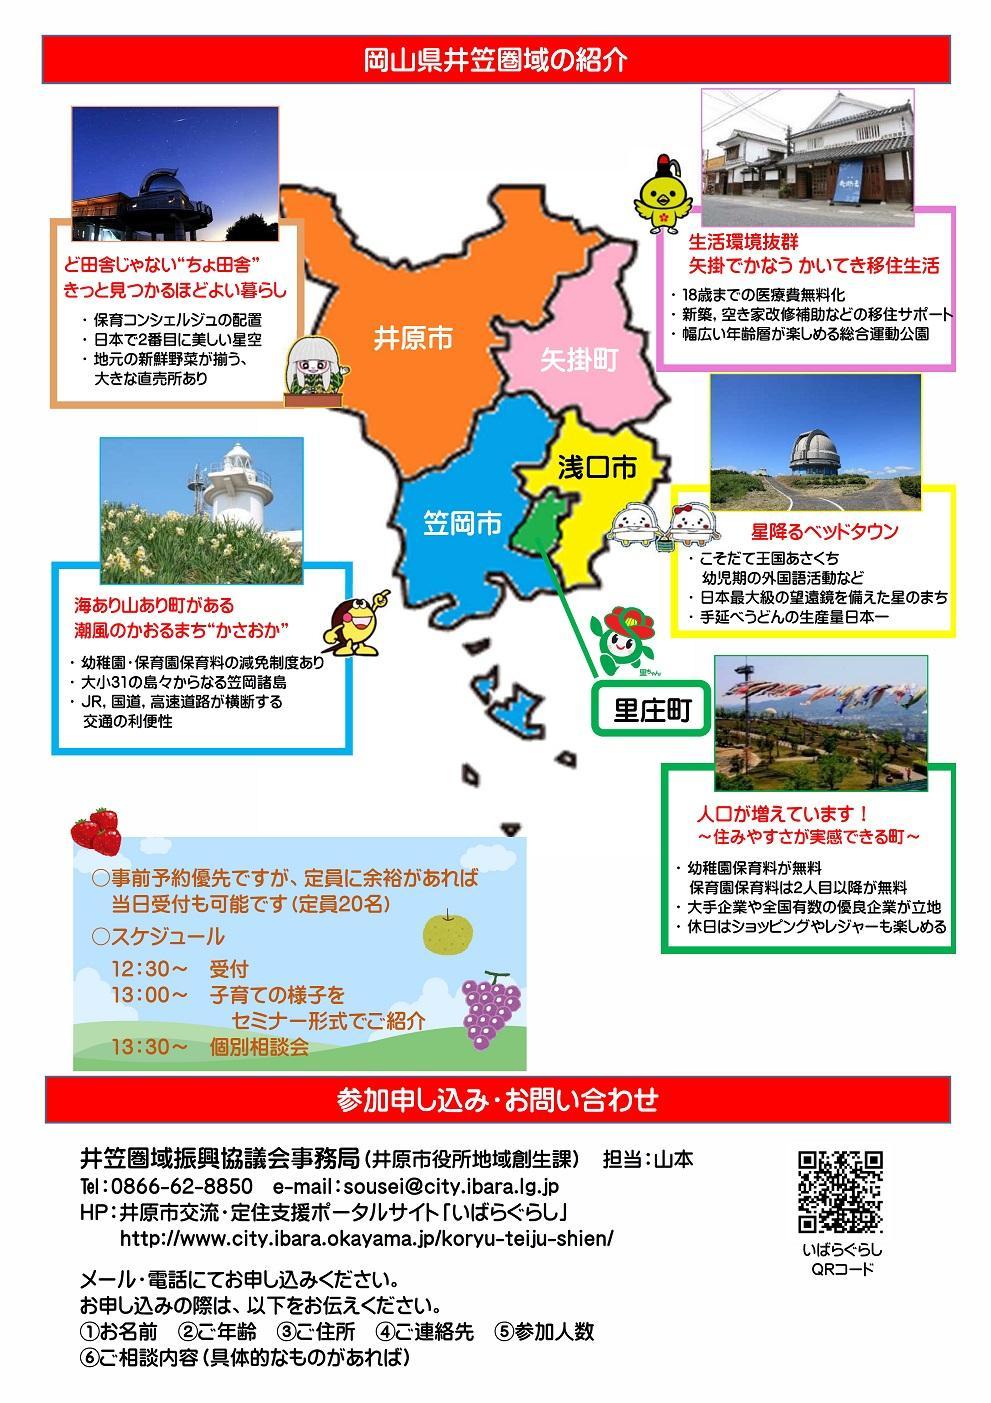 2月24日(金)開催「井笠圏域で子育てしませんか?(東京)」 ※定員20名